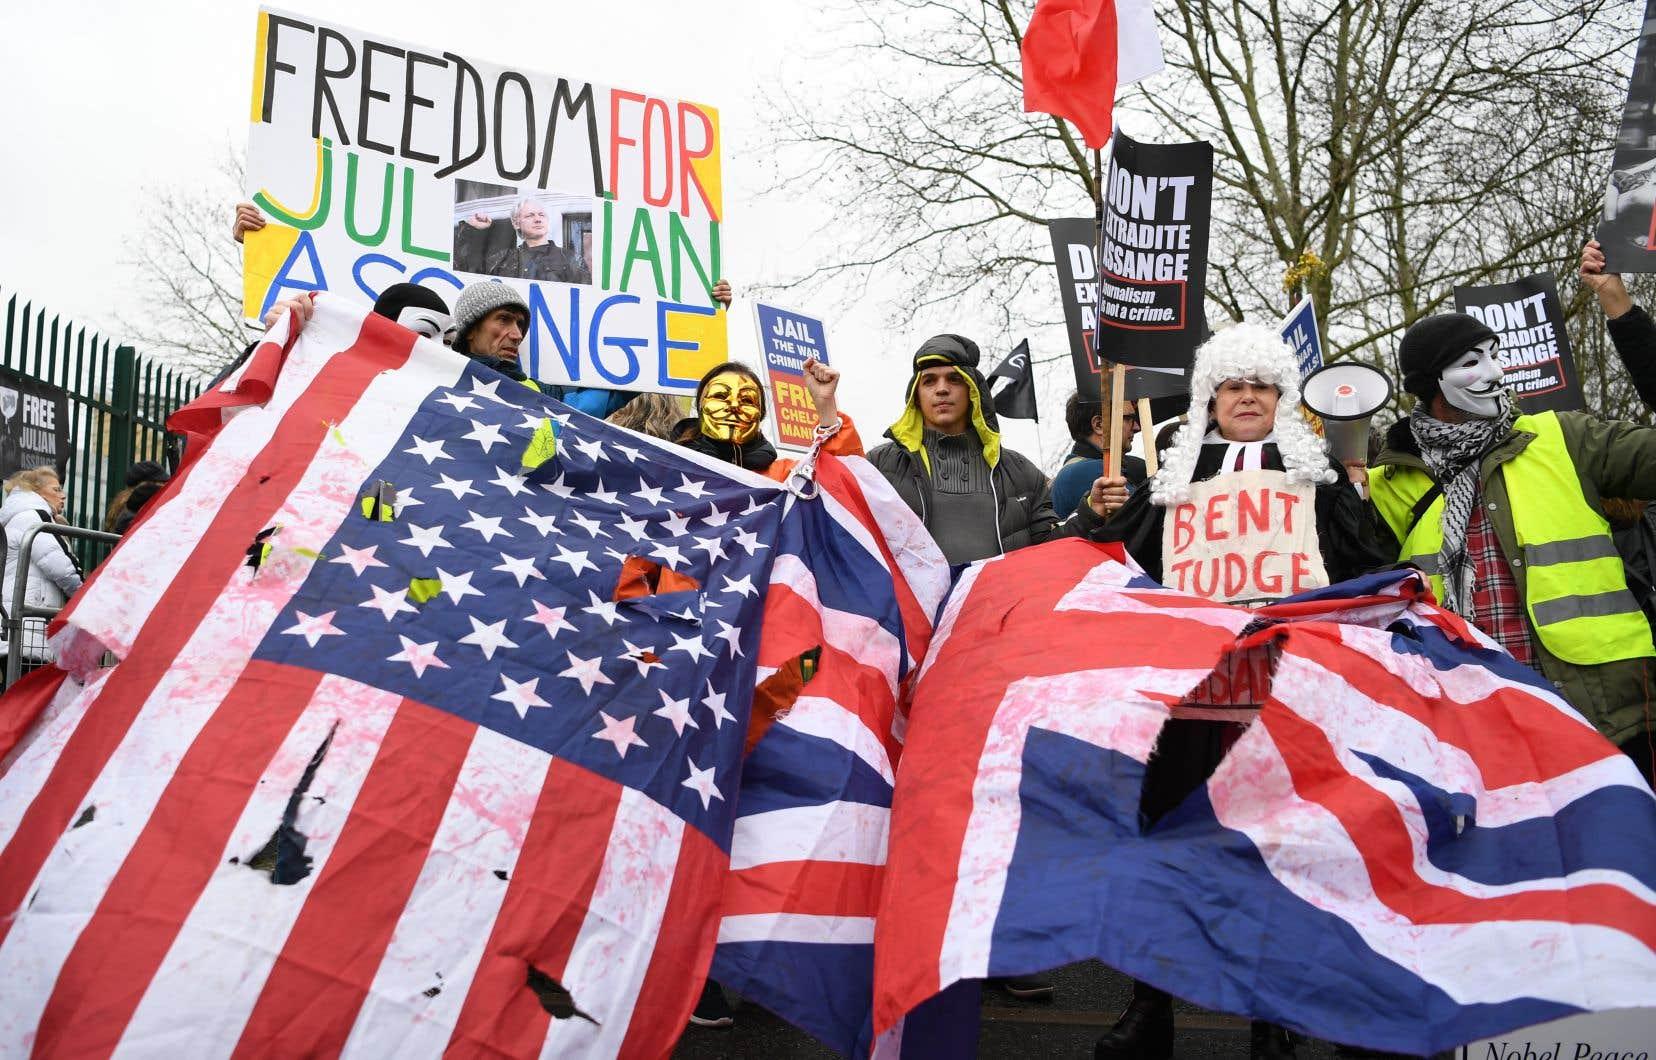 Julian Assange fait face à 18 chefs d'accusation et à une peine d'emprisonnement pouvant atteindre 175ans, s'il est conduit devant la justice américaine.